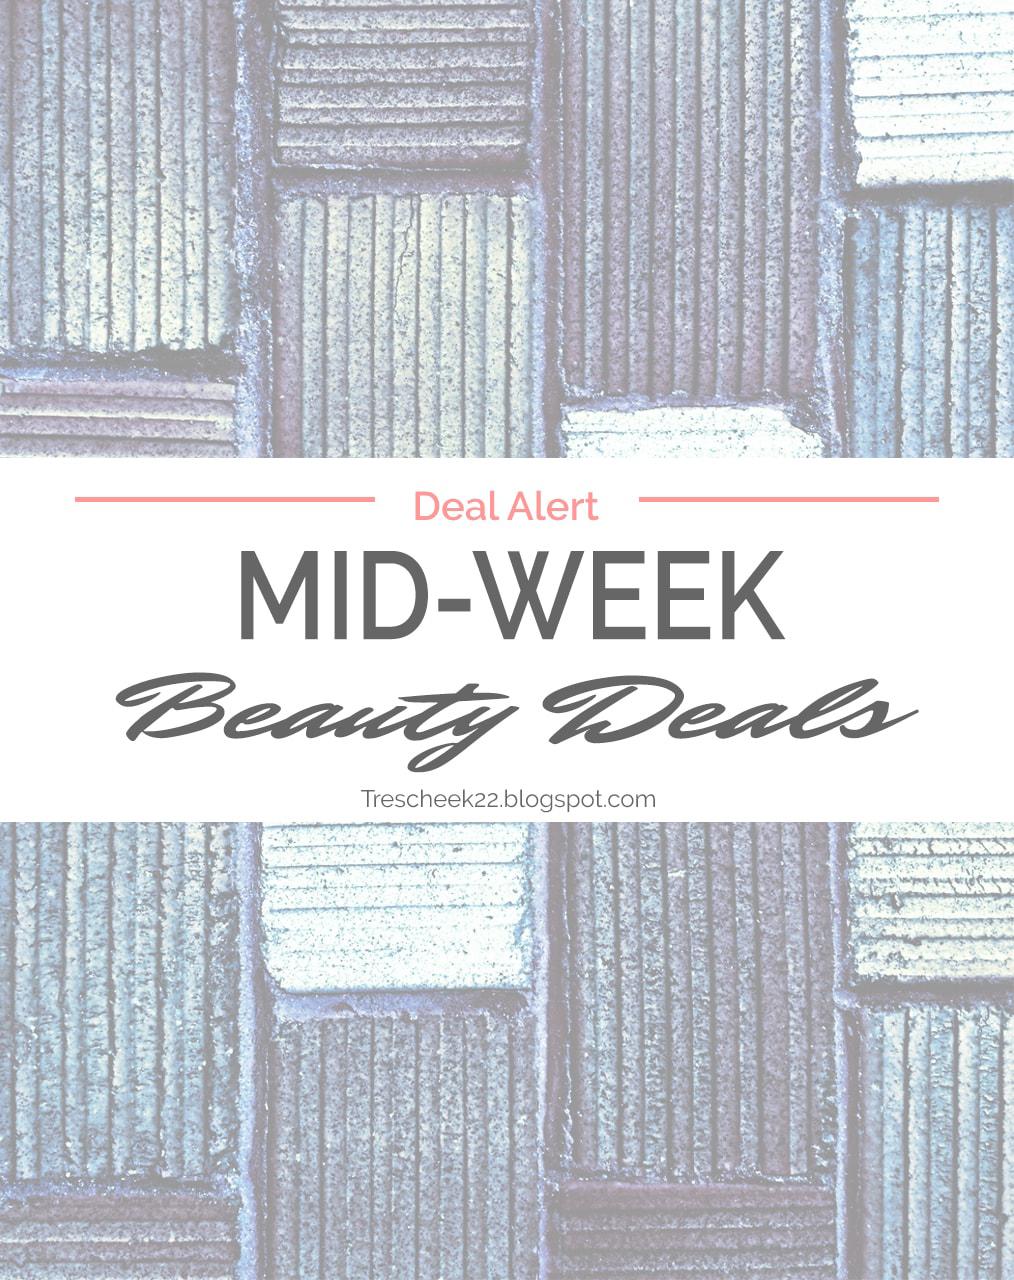 DEAL ALERT: Mid-Week Beauty Deals